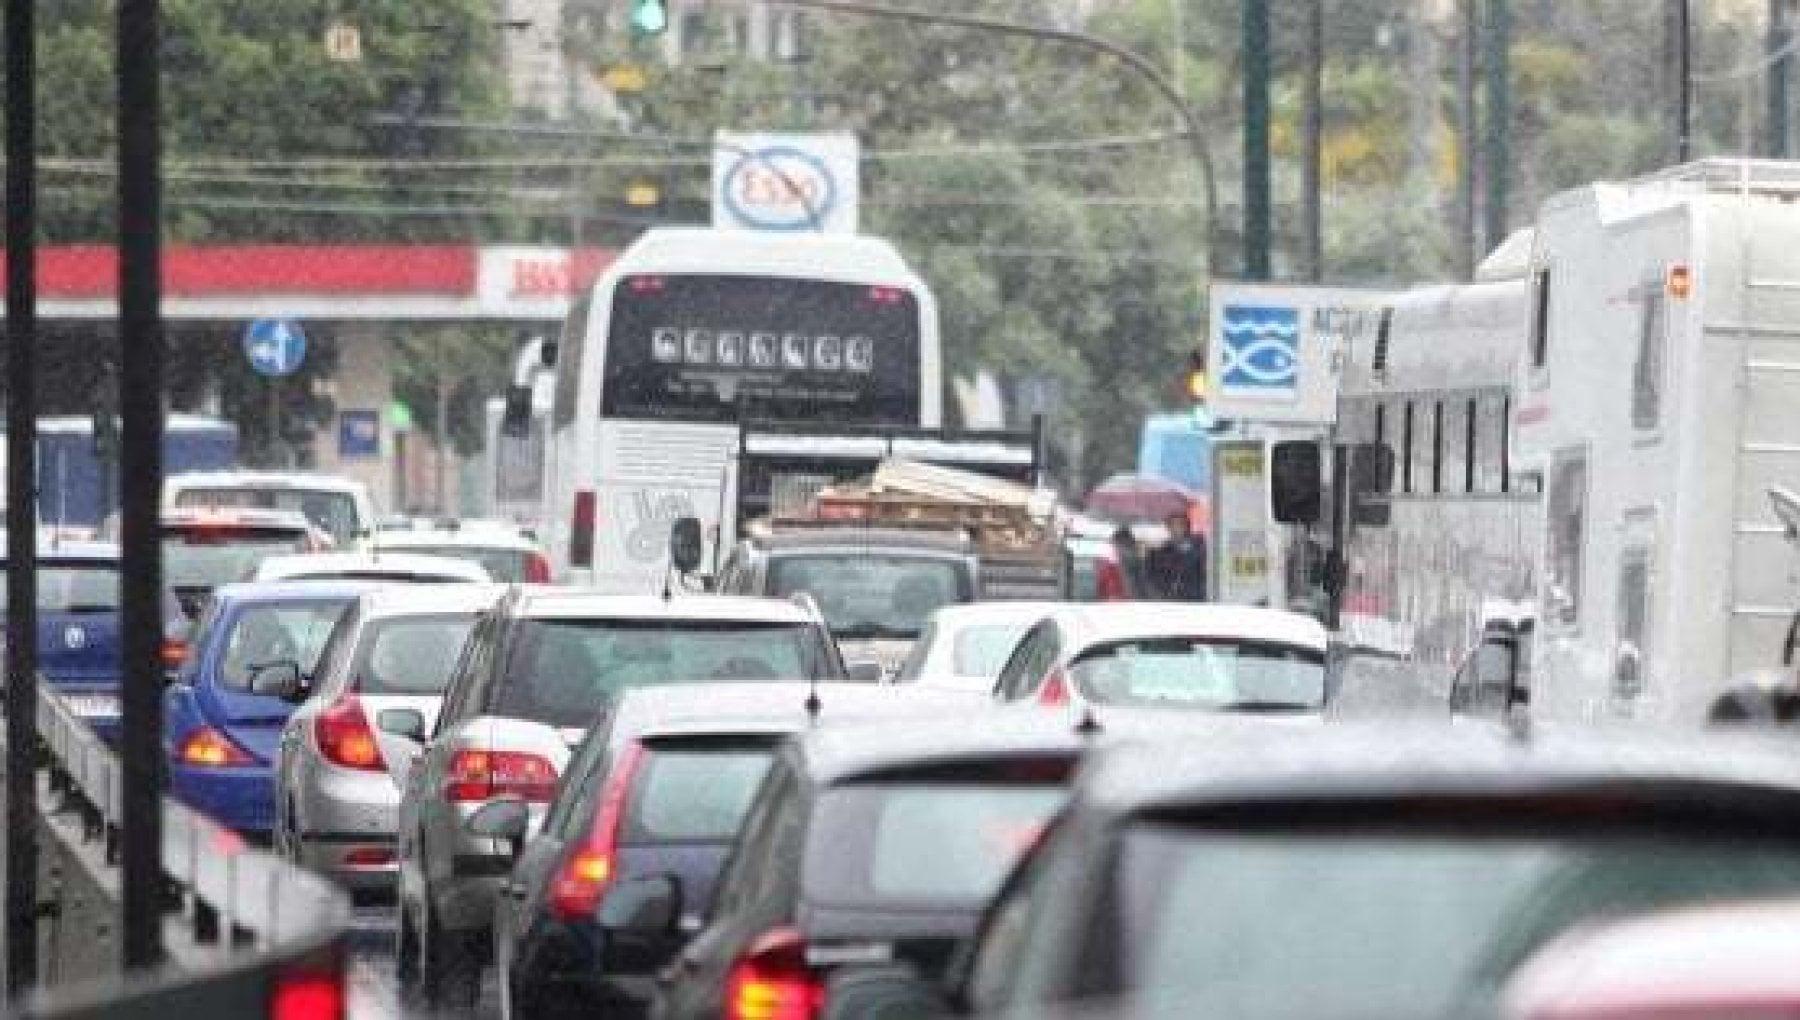 """164554039 70c1f466 87c1 4f4d b2f3 495720b14ea8 - Smog: Agenzia Ue, Firenze città più inquinata in Italia negli ultimi sette giorni. Il sindaco: """"Massima attenzione"""""""